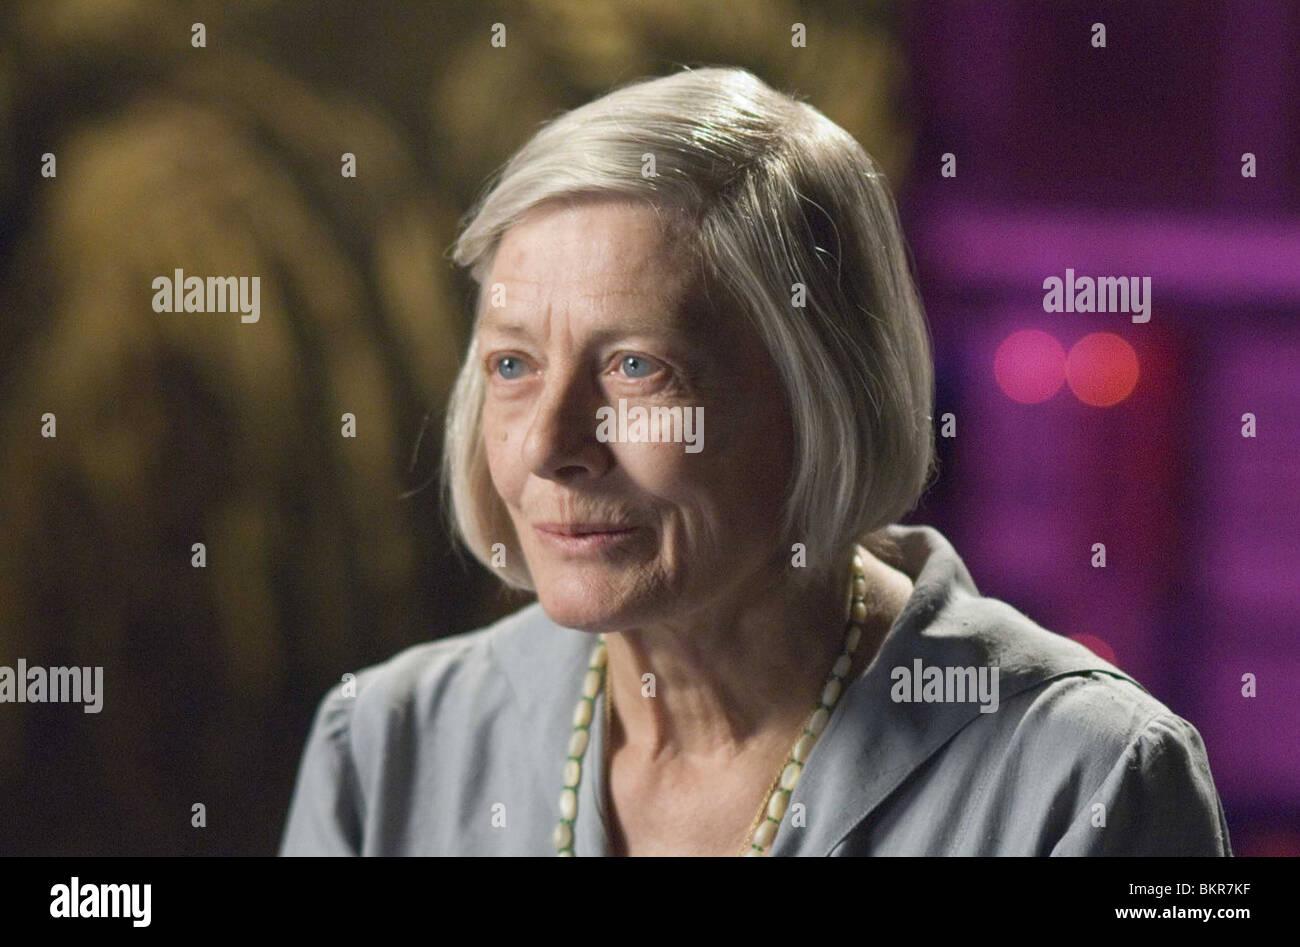 ATONEMENT (2007) VANESSA REDGRAVE JOE WRIGHT (DIR) 008 - Stock Image